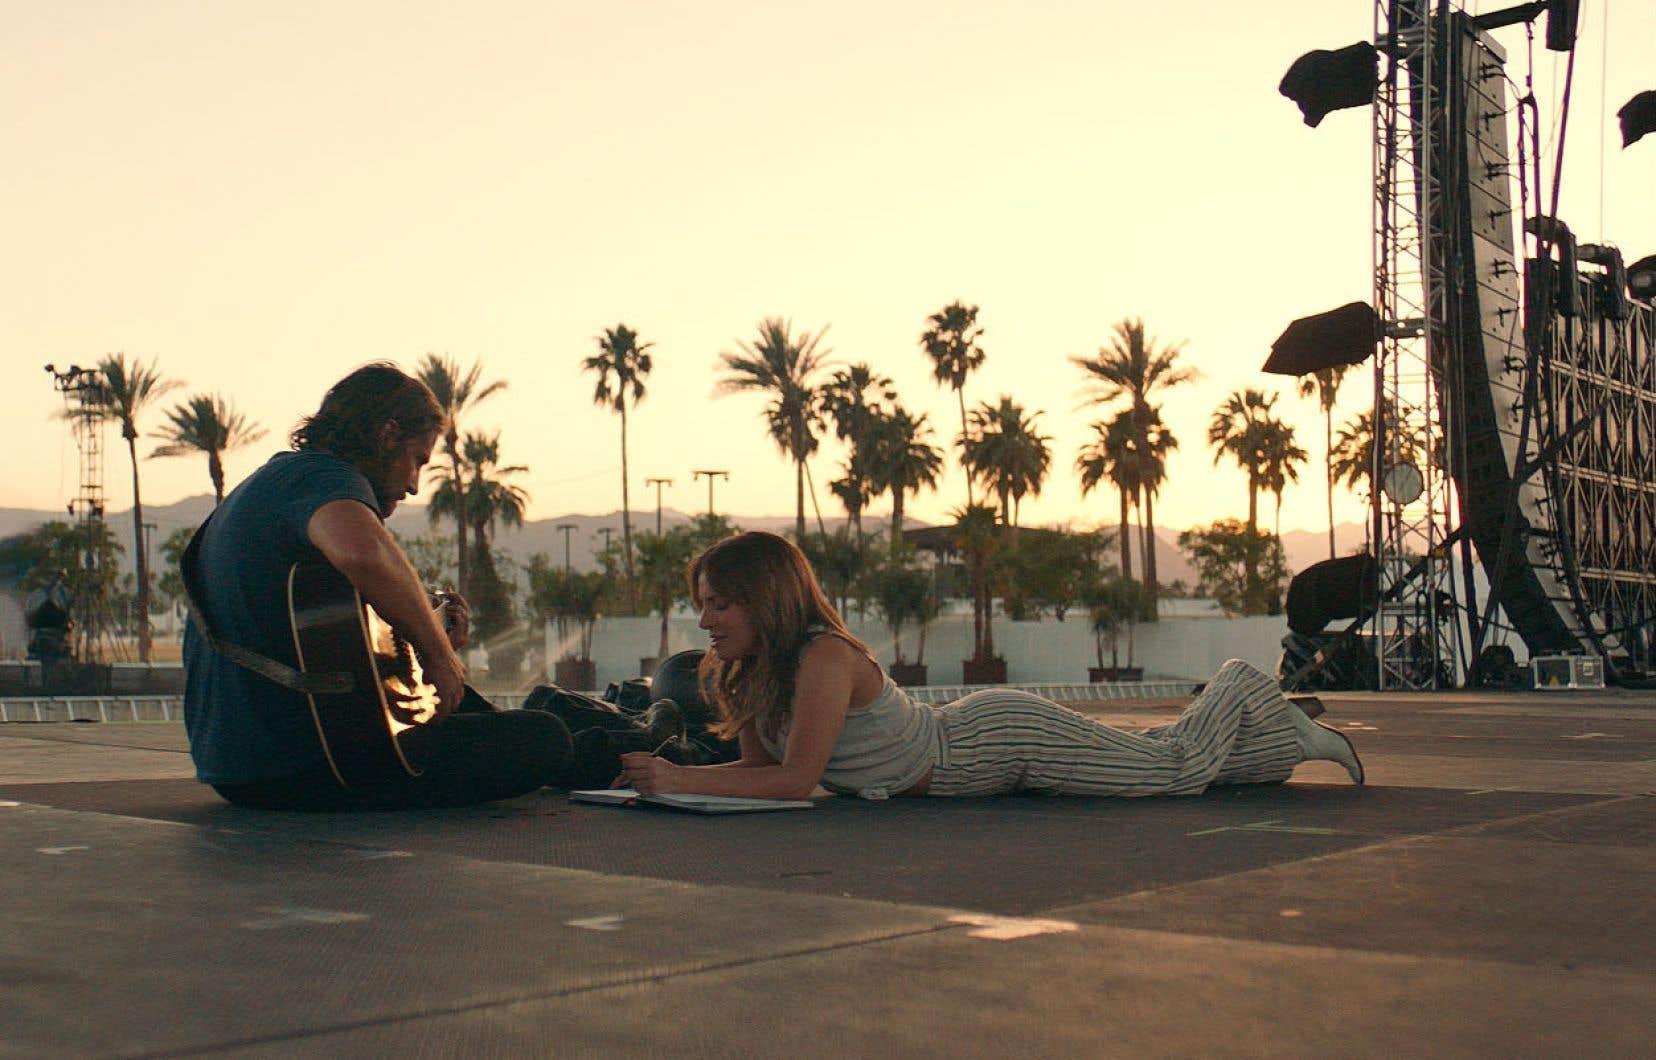 La remouture du film «A Star Is Born», réalisée par Bradley Cooper et dans lequel jouent l'acteur et sa co-étoile Lady Gaga, offre une énième version de Cendrillon pimpée par Harlequin et commanditée par L'Oréal.